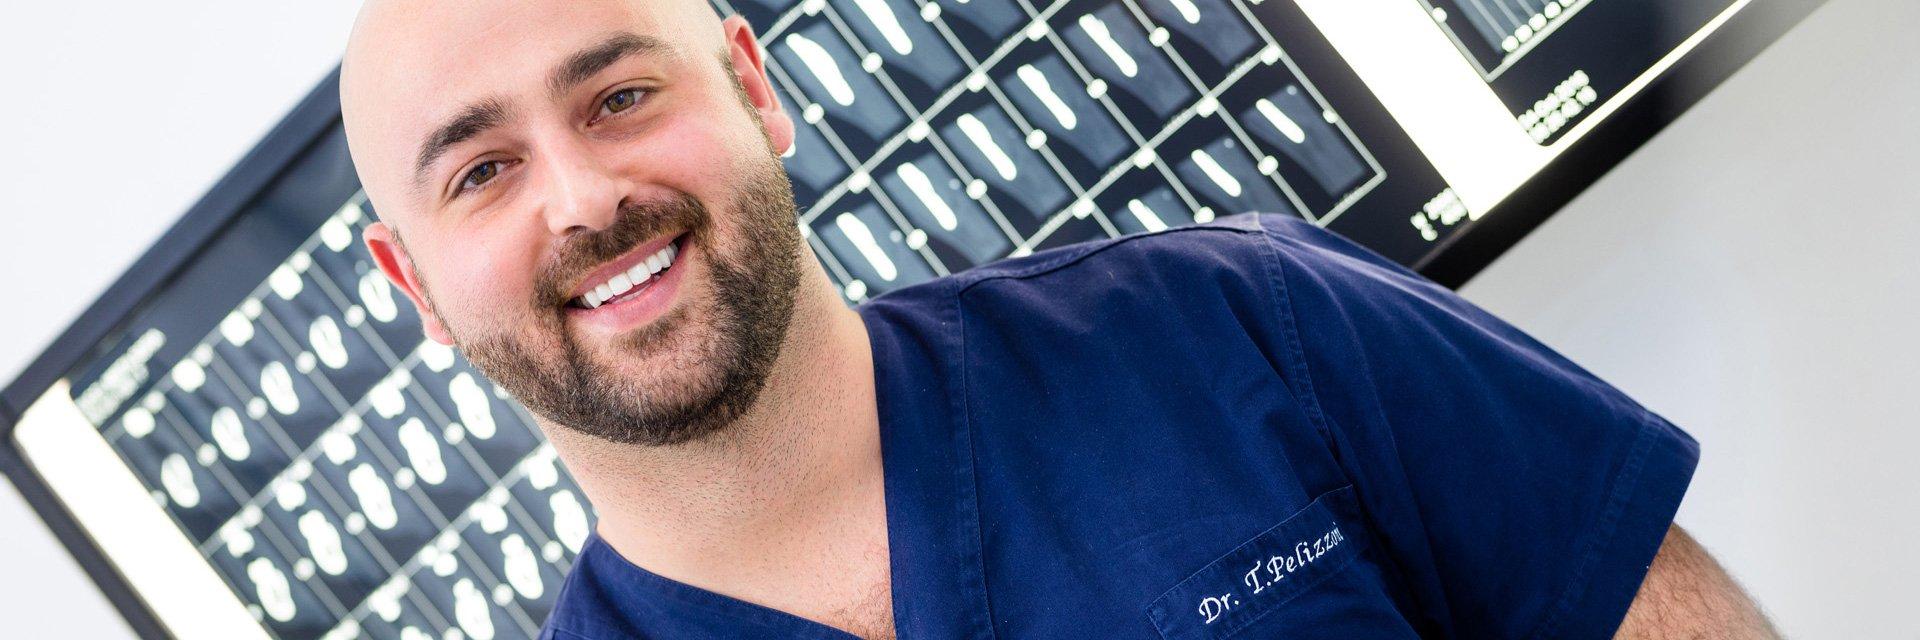 benvenuti-nello-studio-dentistico-pelizzoni,-milano_3